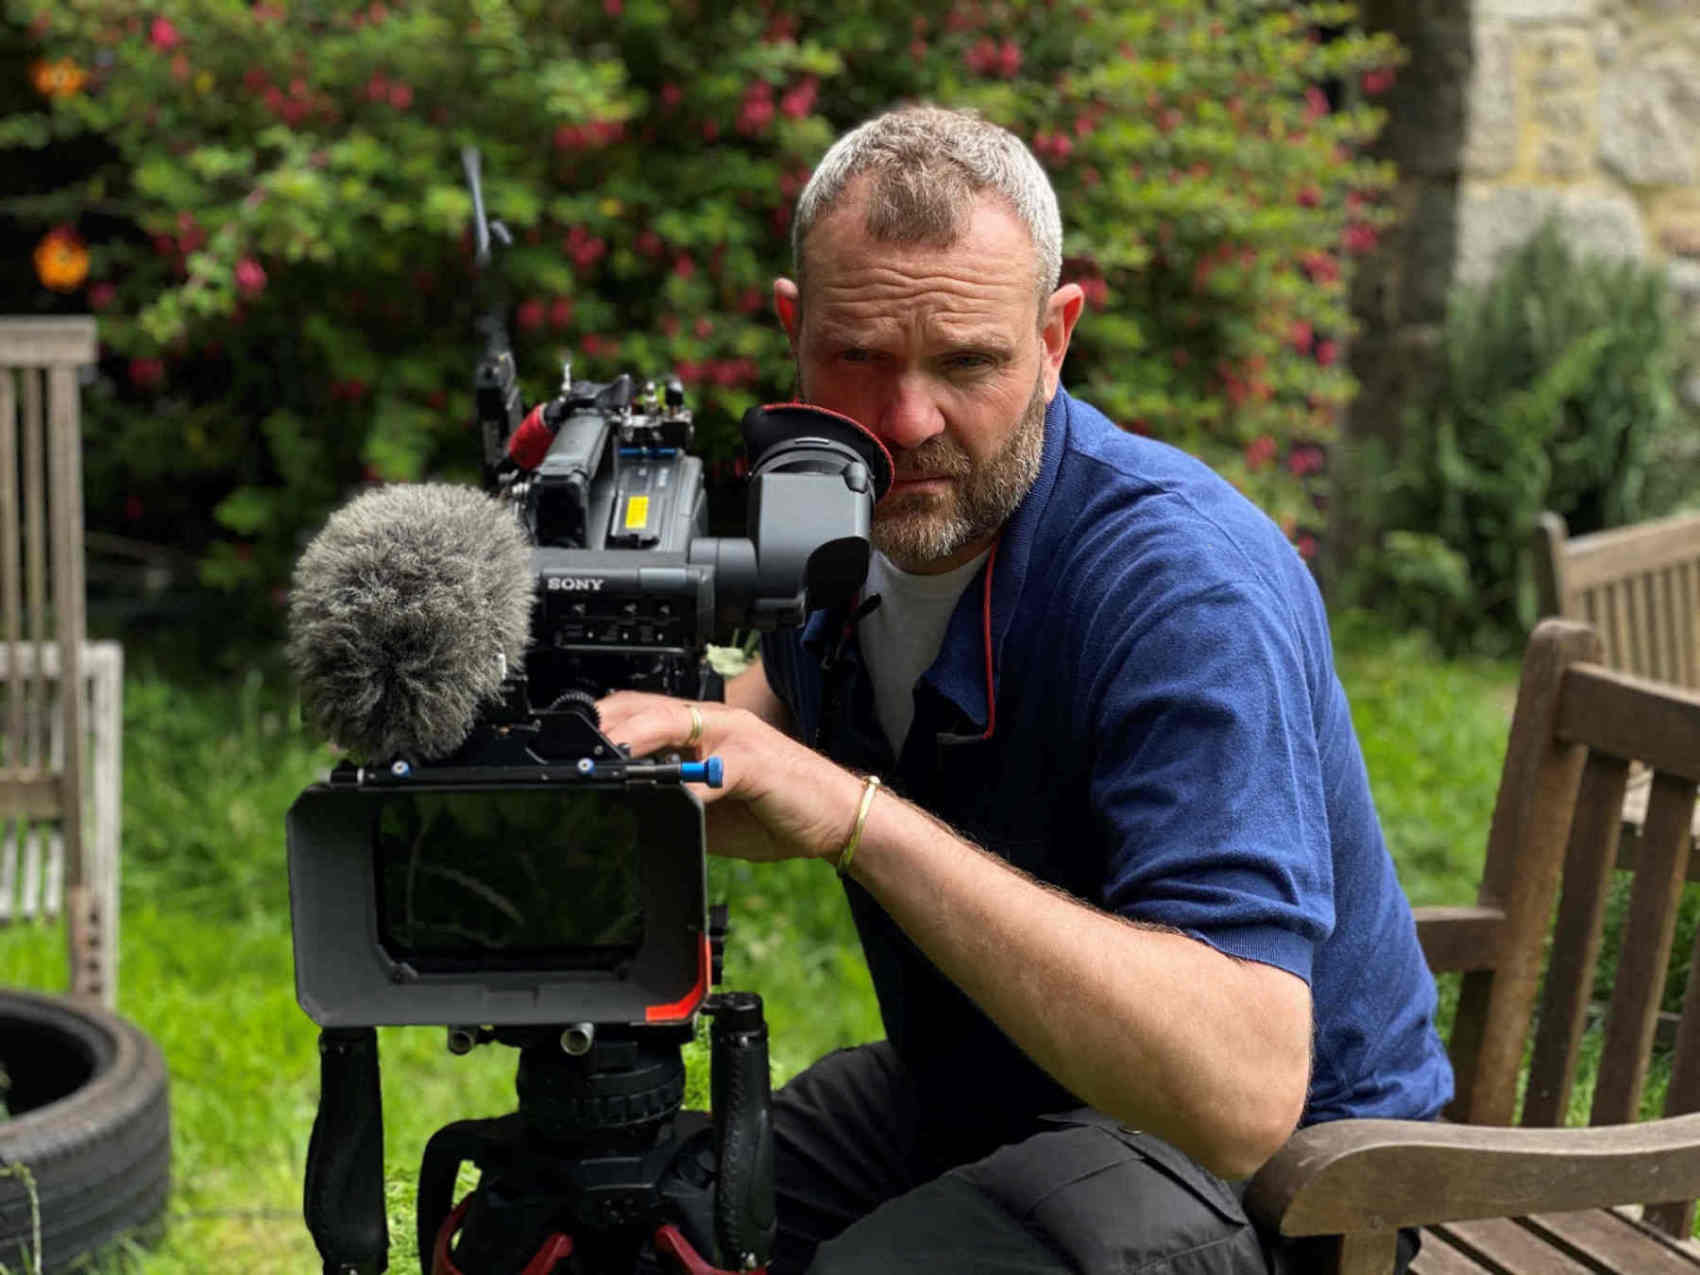 Nhu cầu đối với máy quay phim Sony tăng mạnh bất chấp đại dịch